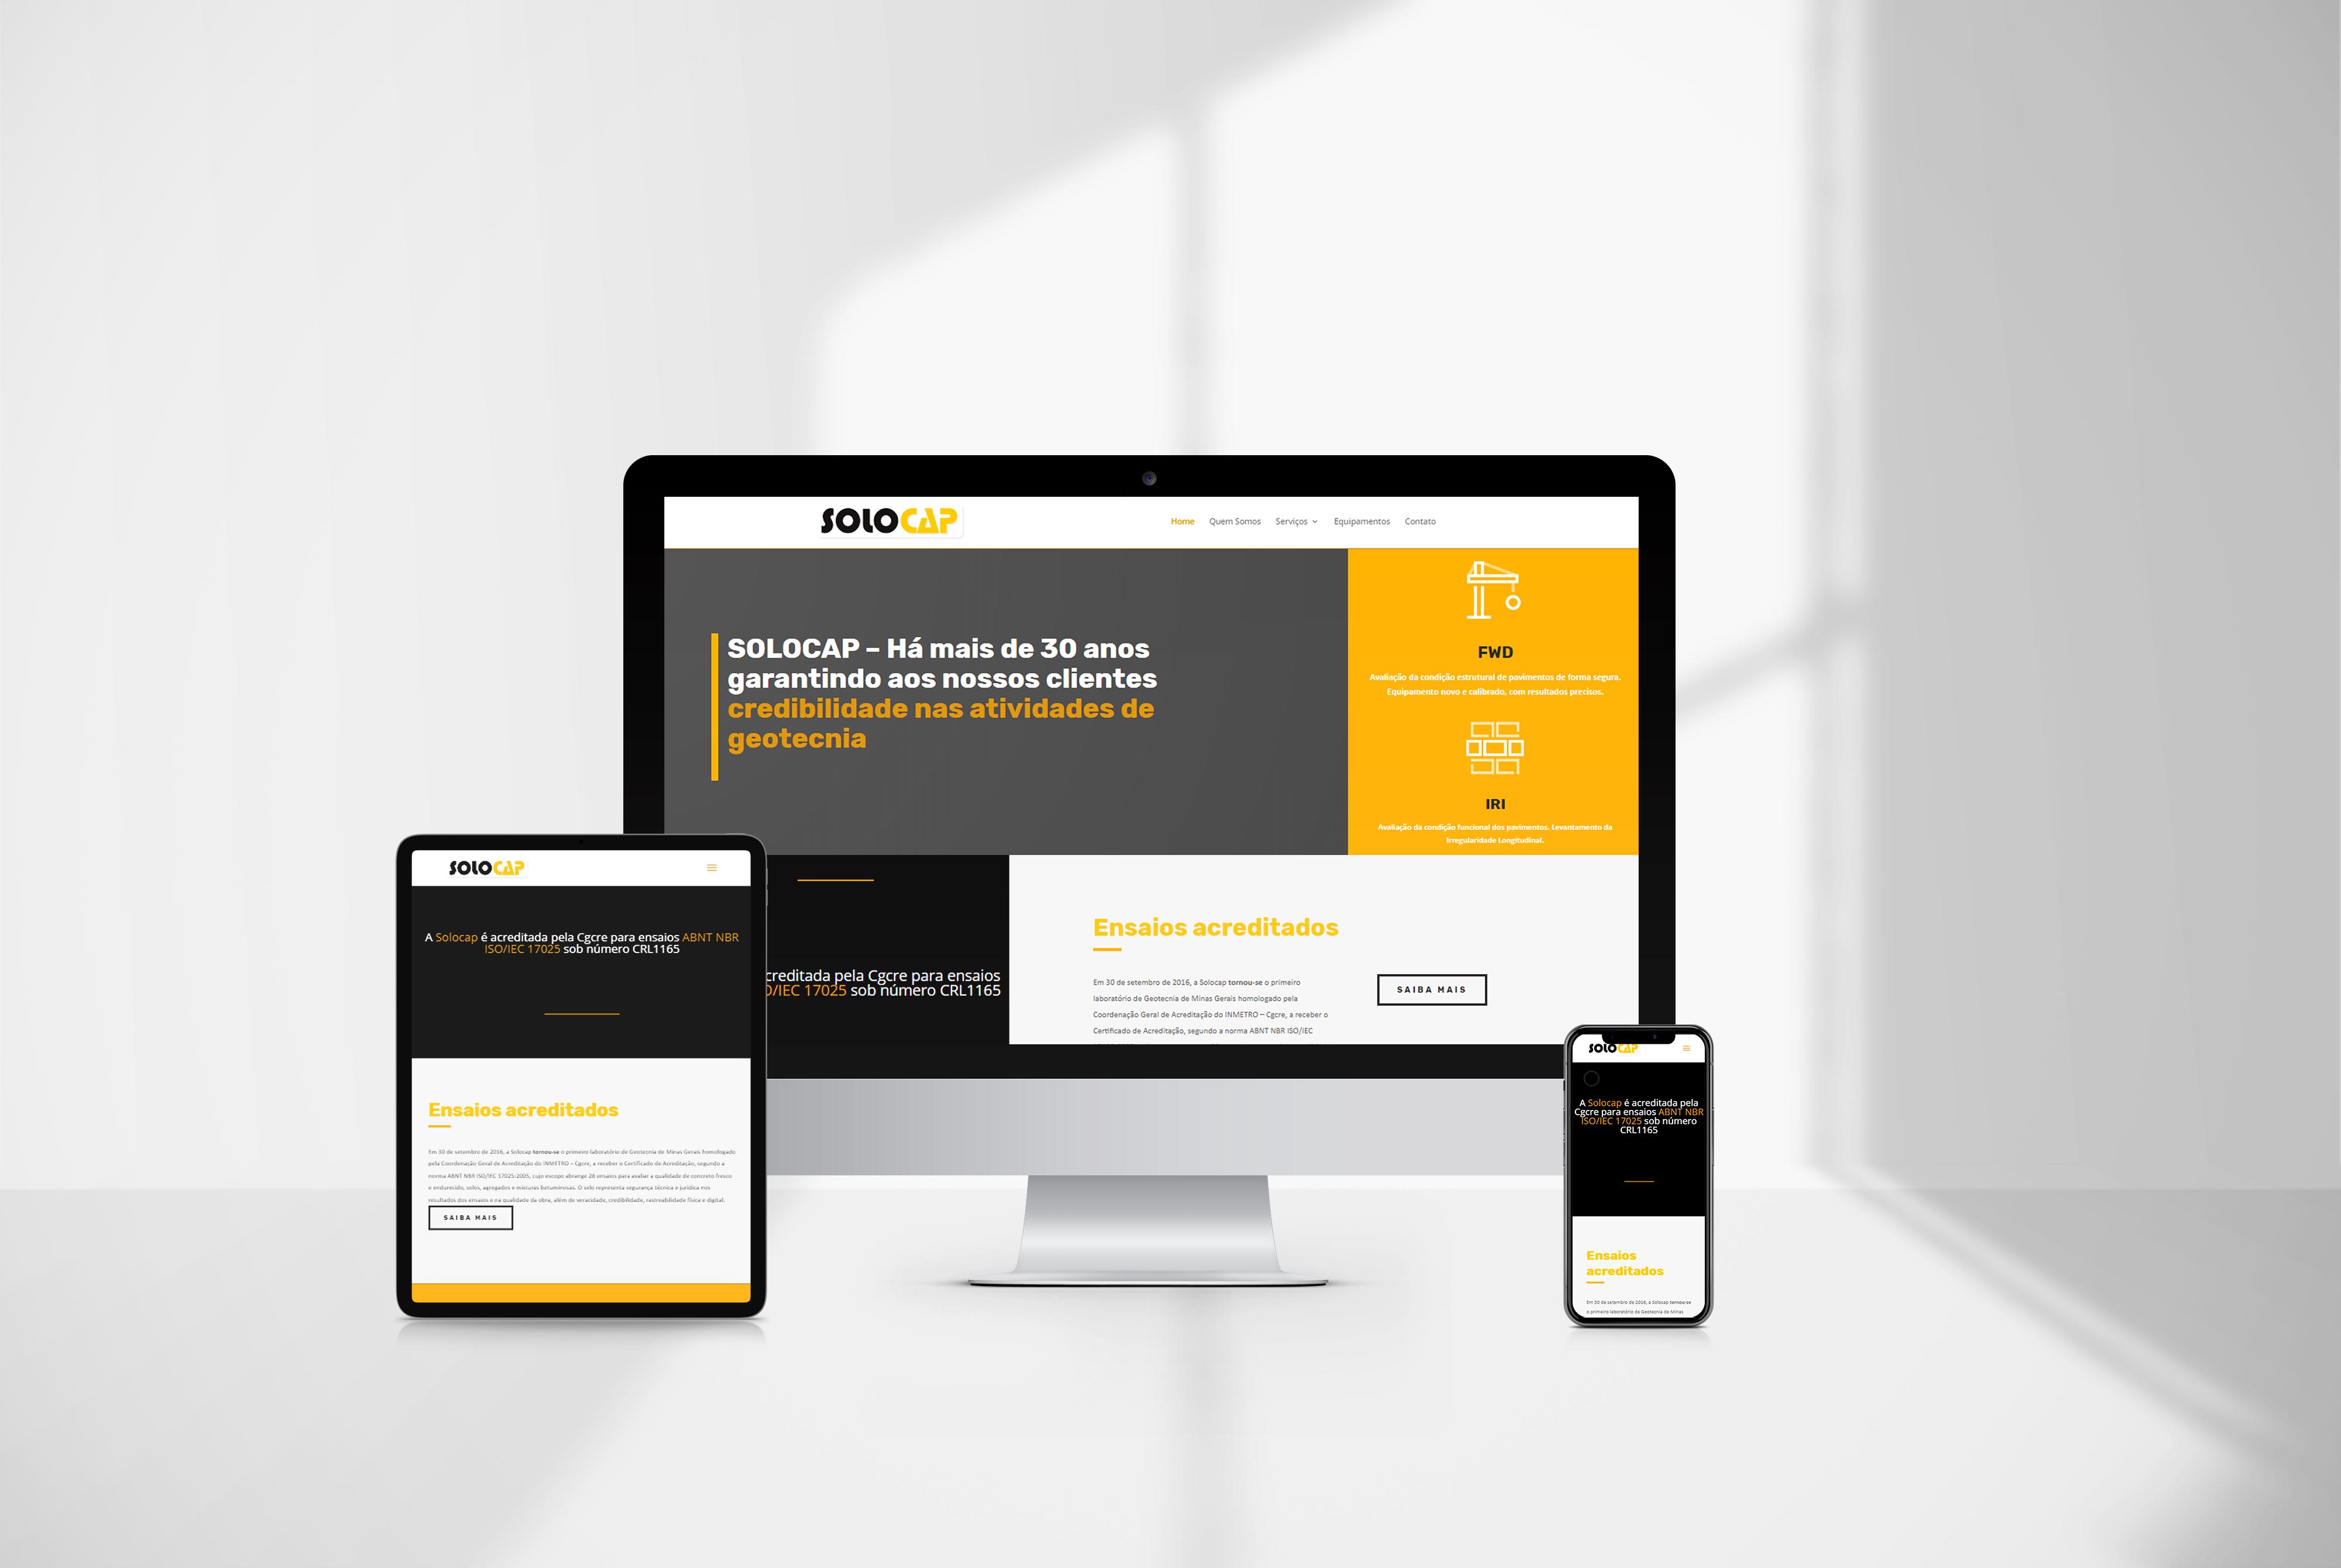 criacao de site Solocap agencia de marketing digital casanova digital